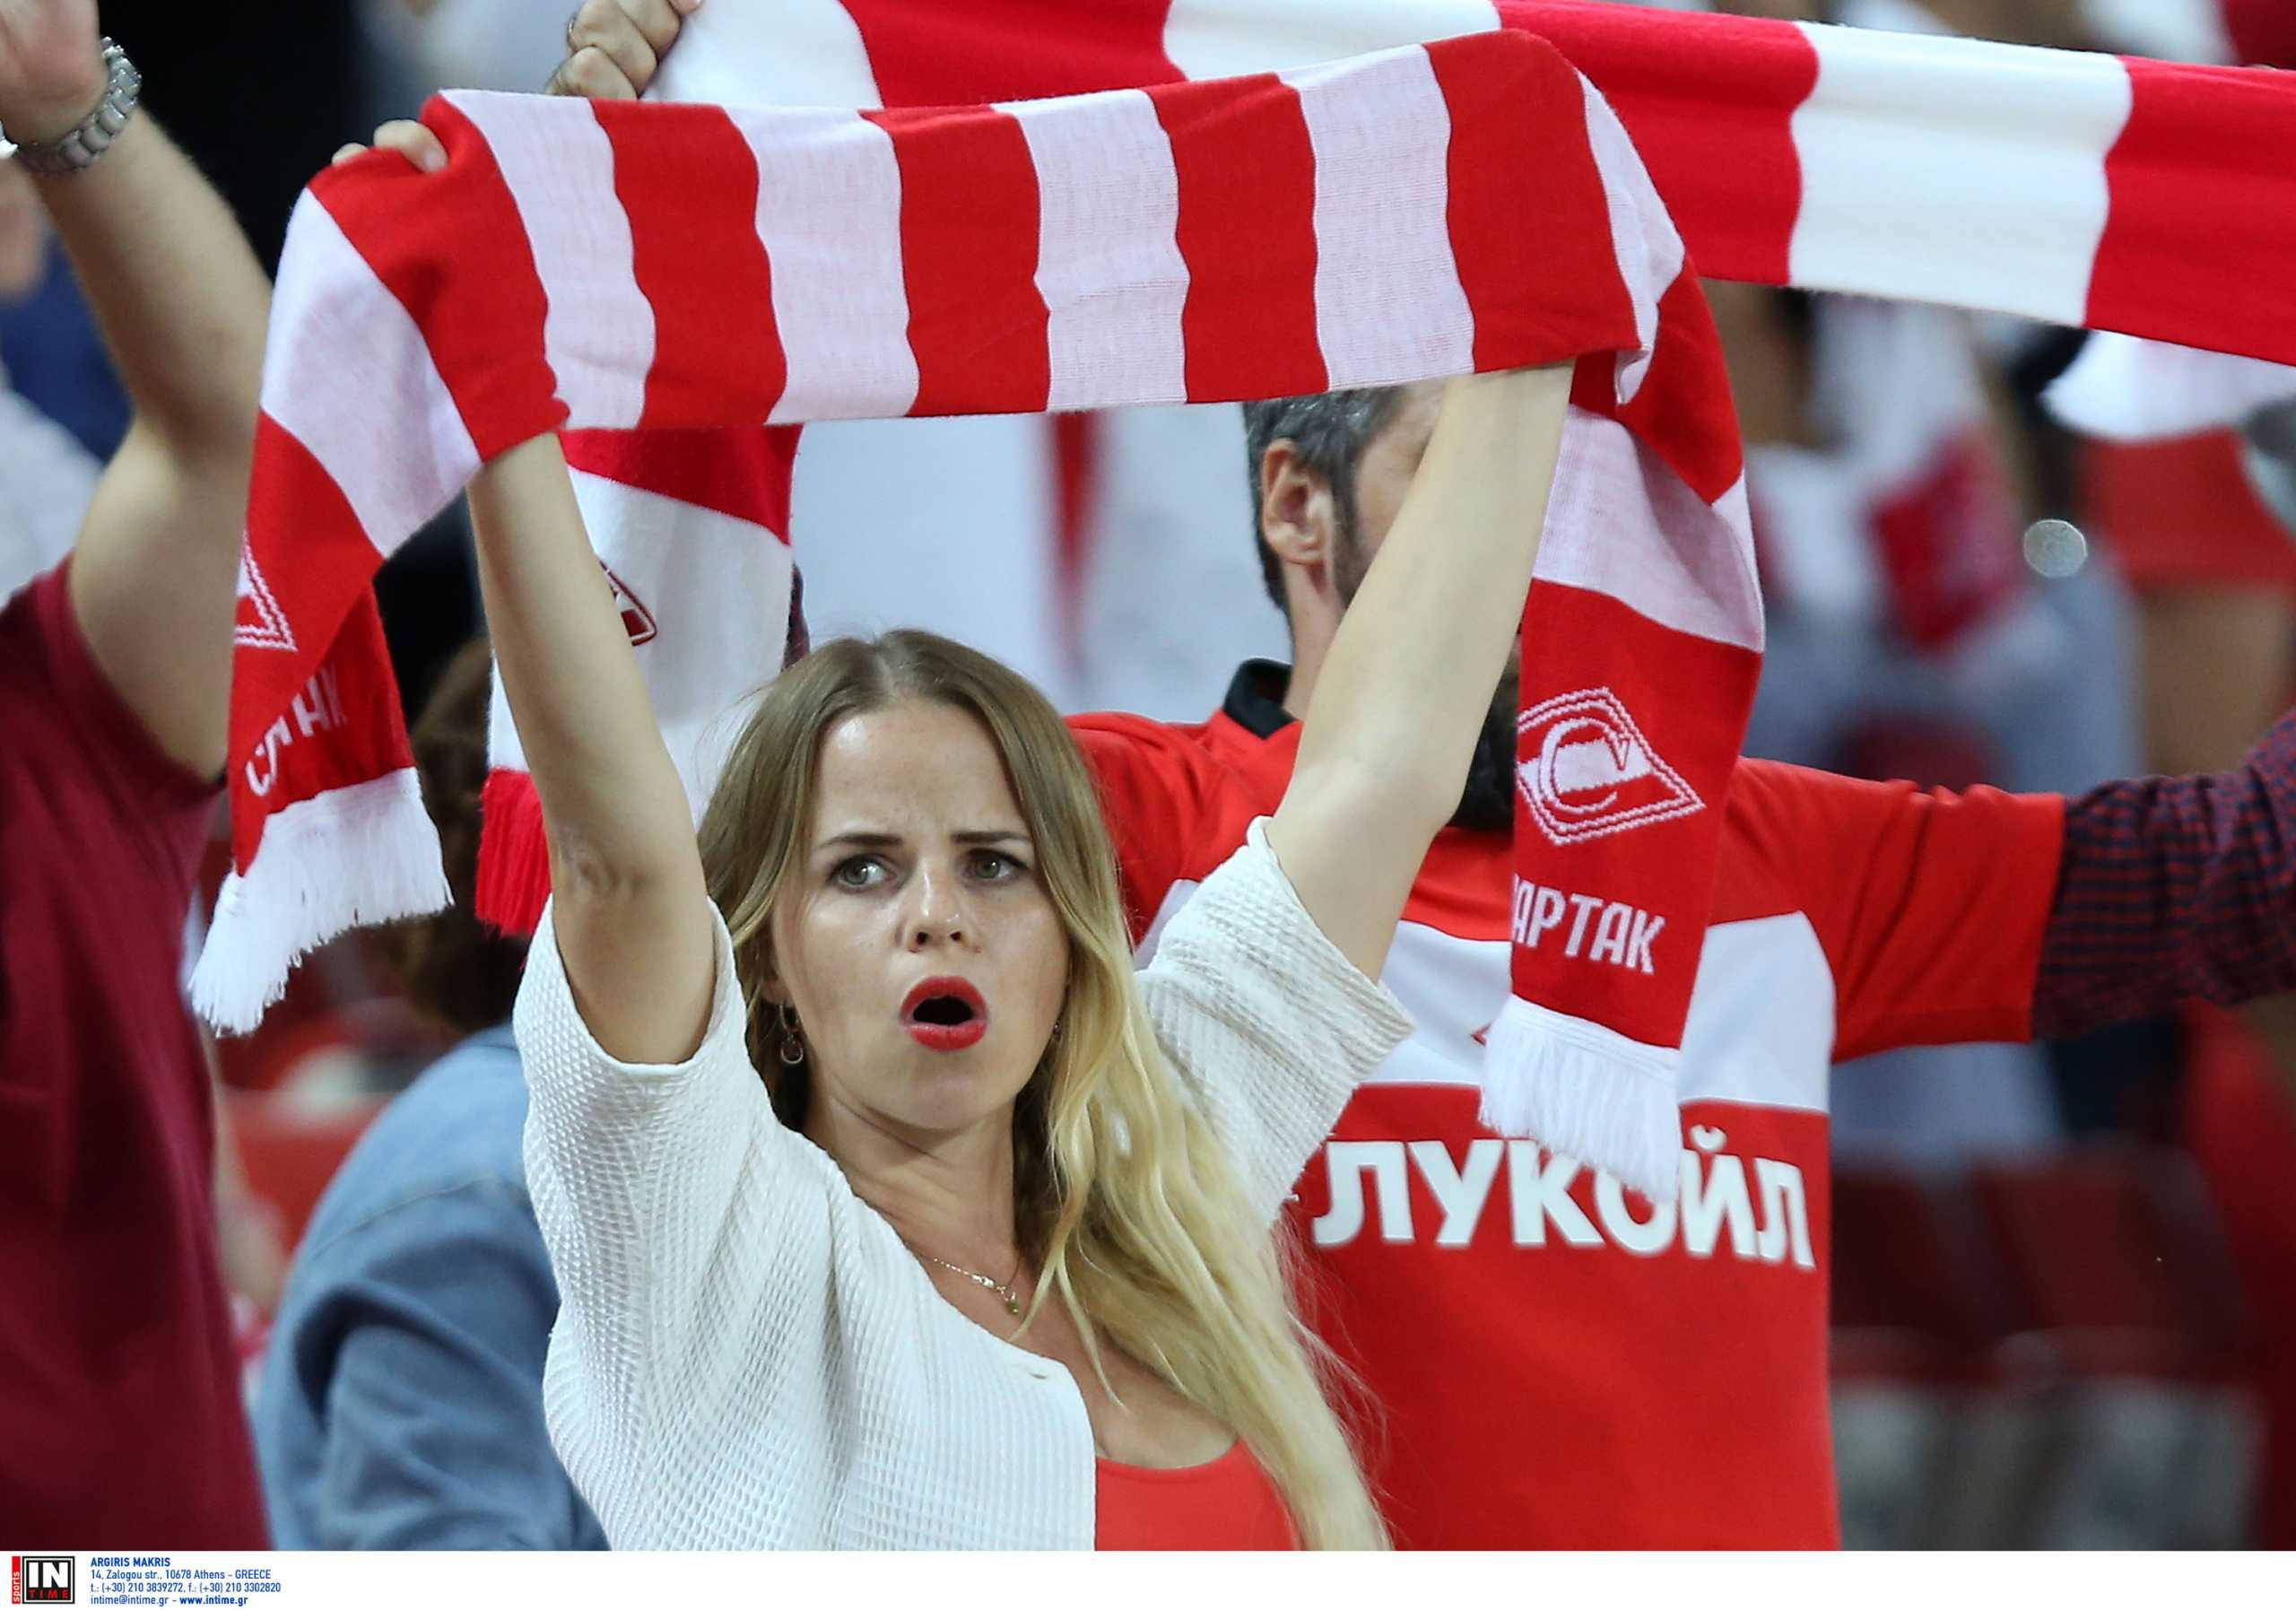 Επικό τρολάρισμα για τη European Super League: «Οπαδοί των 12 ομάδων είμαστε εδώ για εσάς»